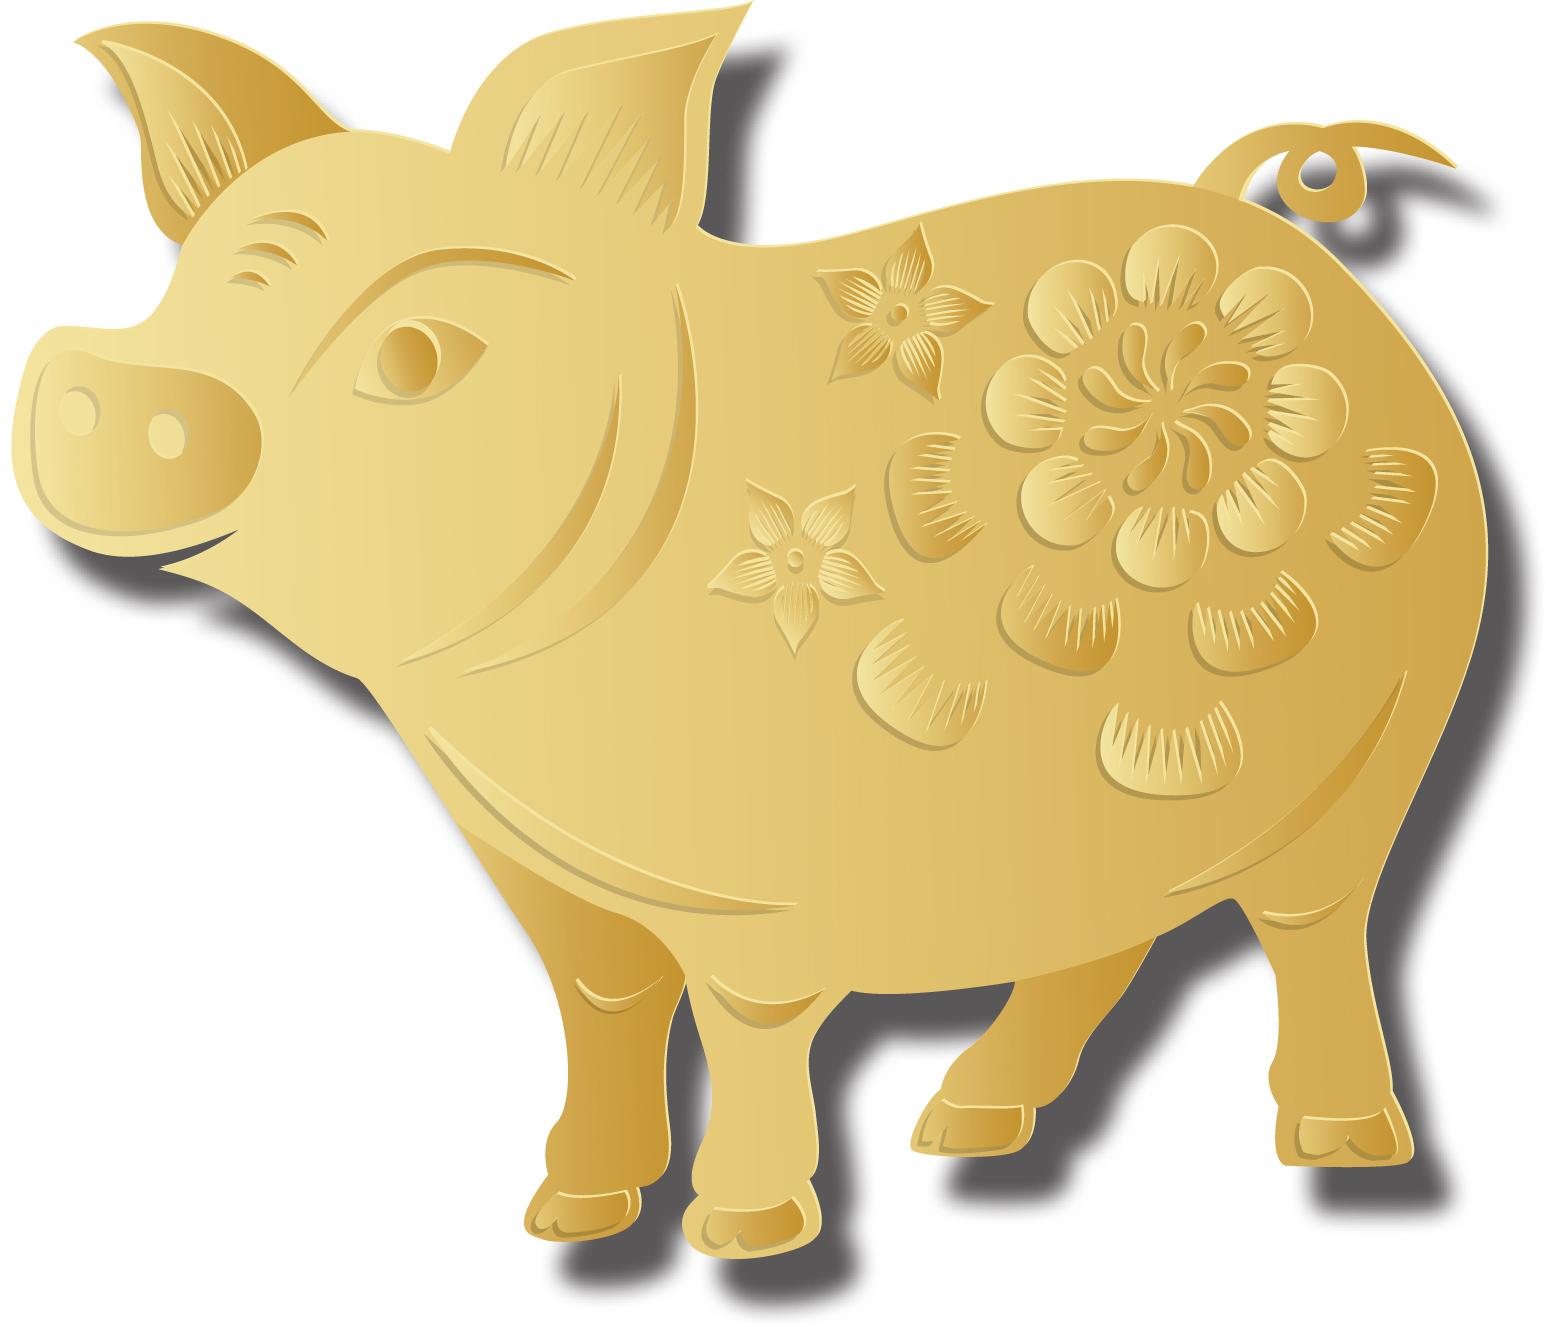 pig-on-white